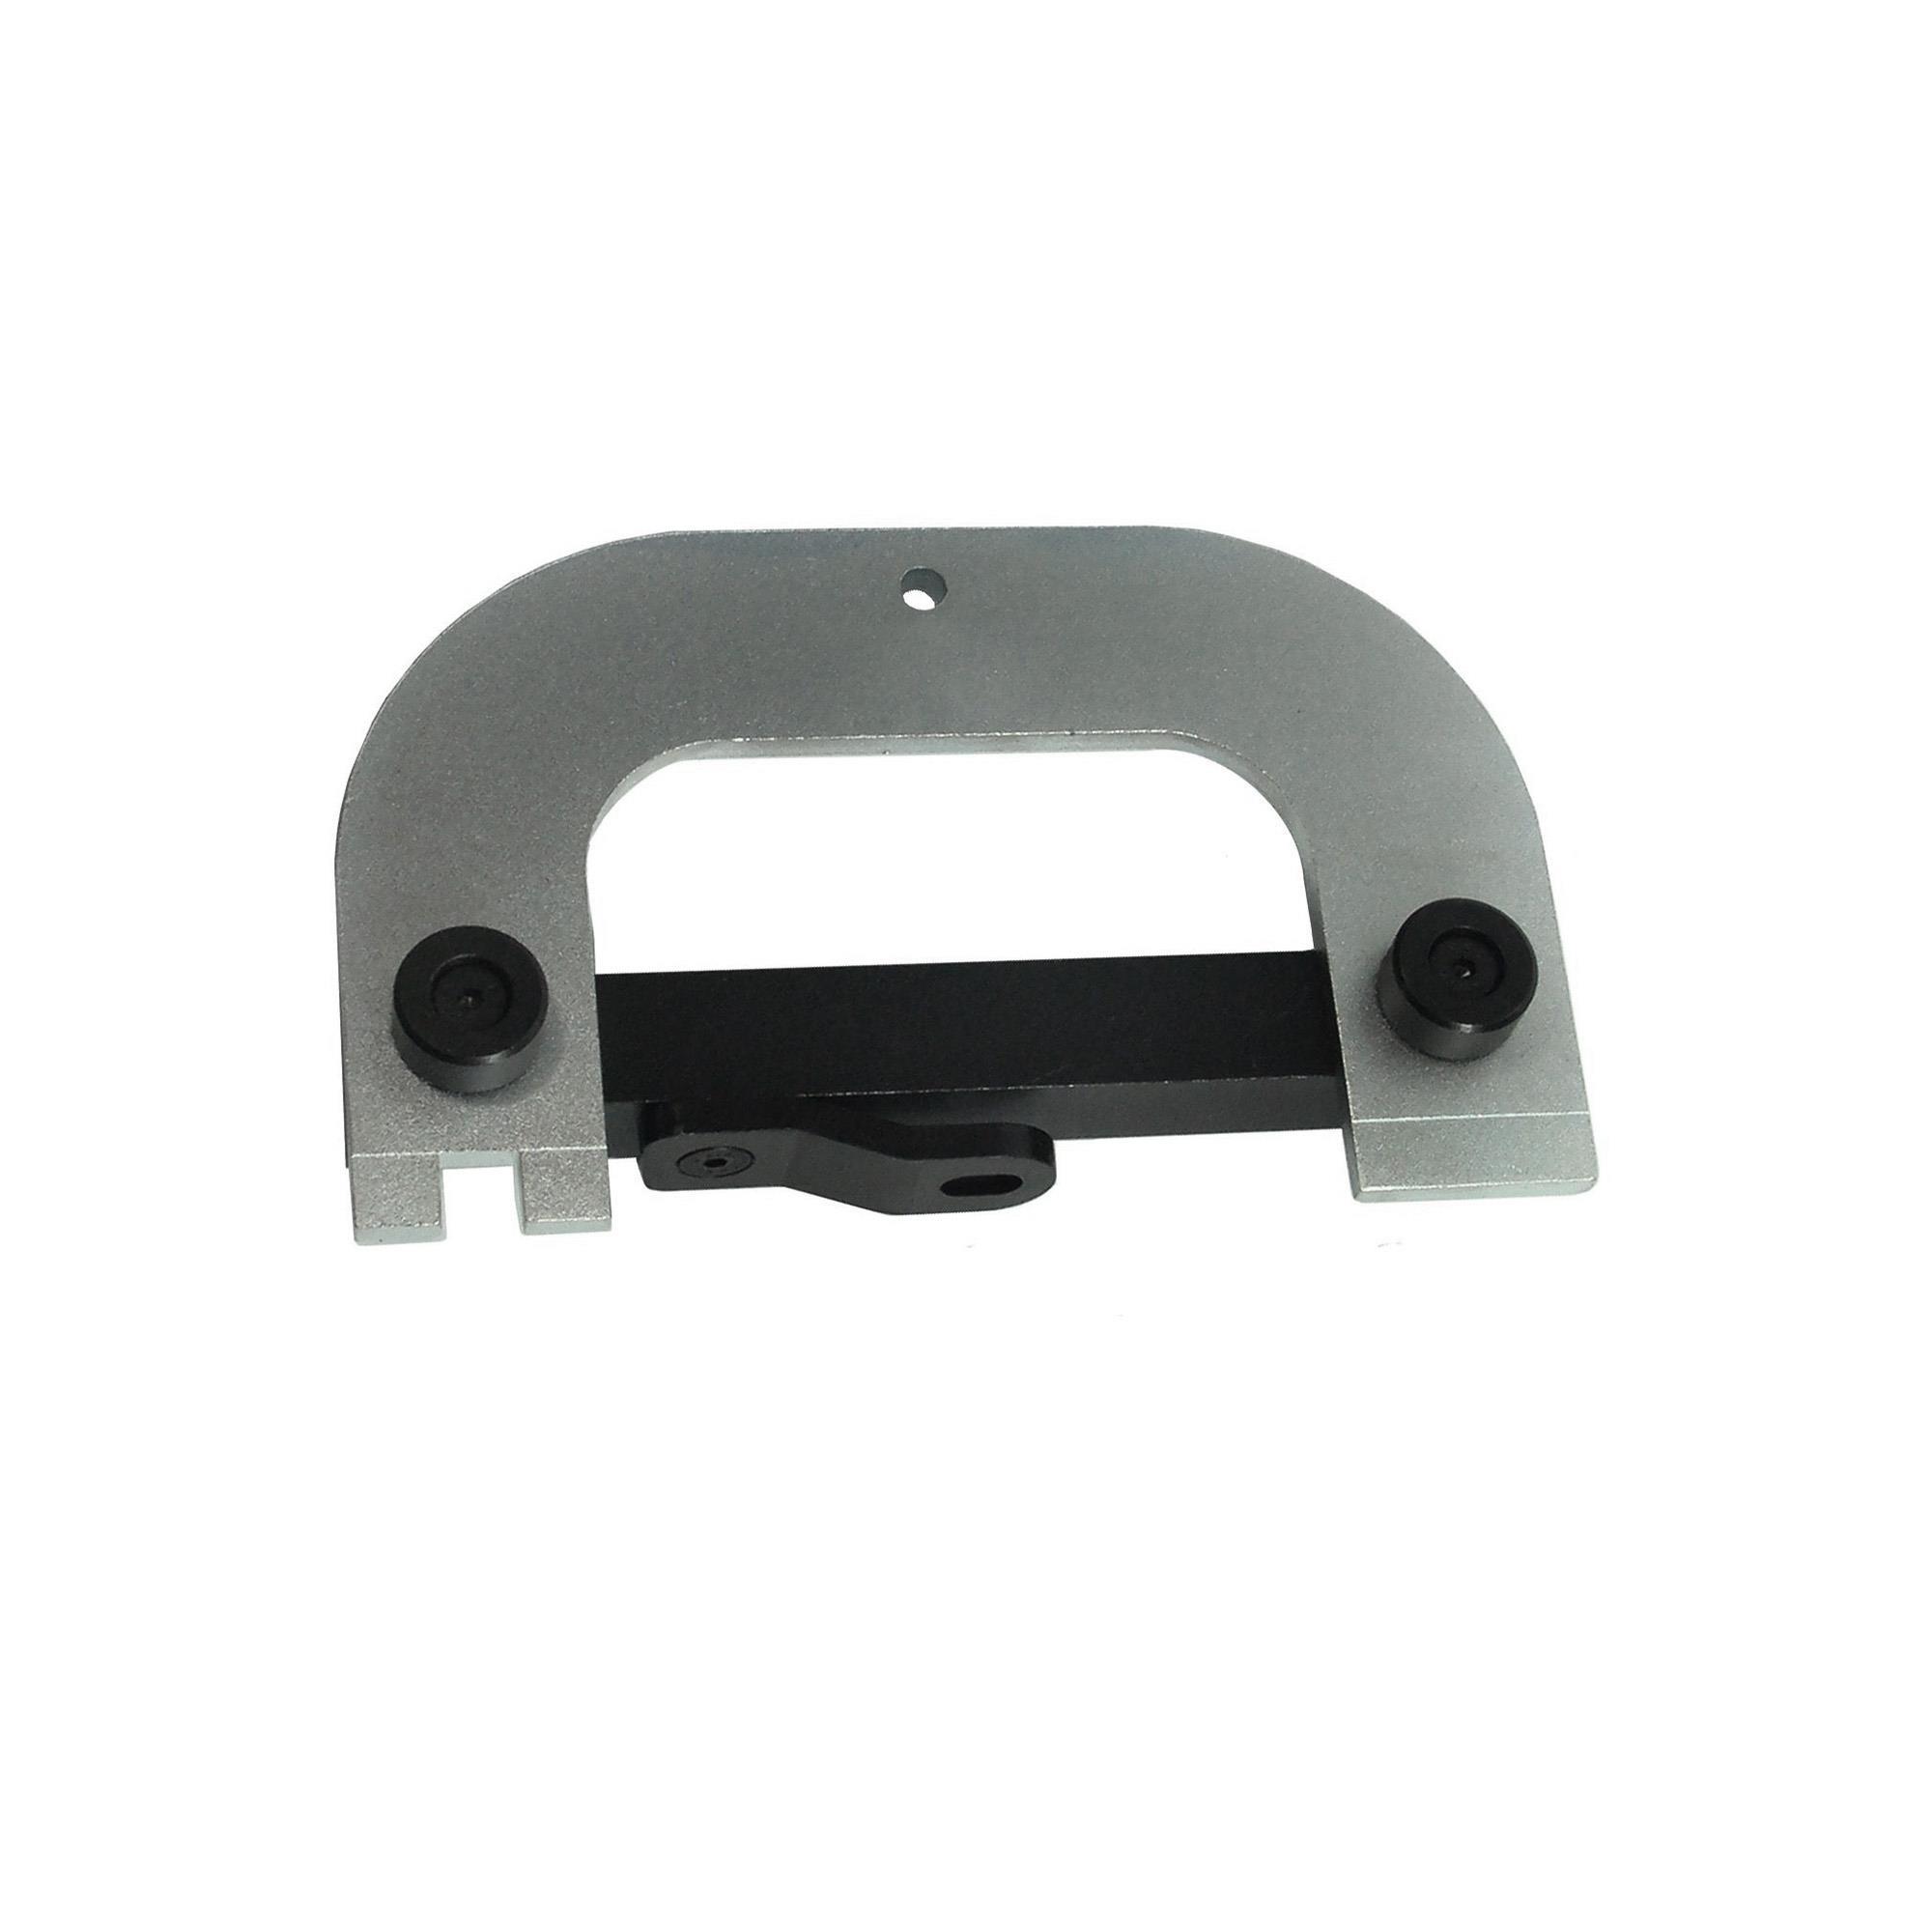 Renault Nissan Kurbelwelle Nockenwellen Arretierung Werkzeug 1.4 1.6 1.8 2.0 16V